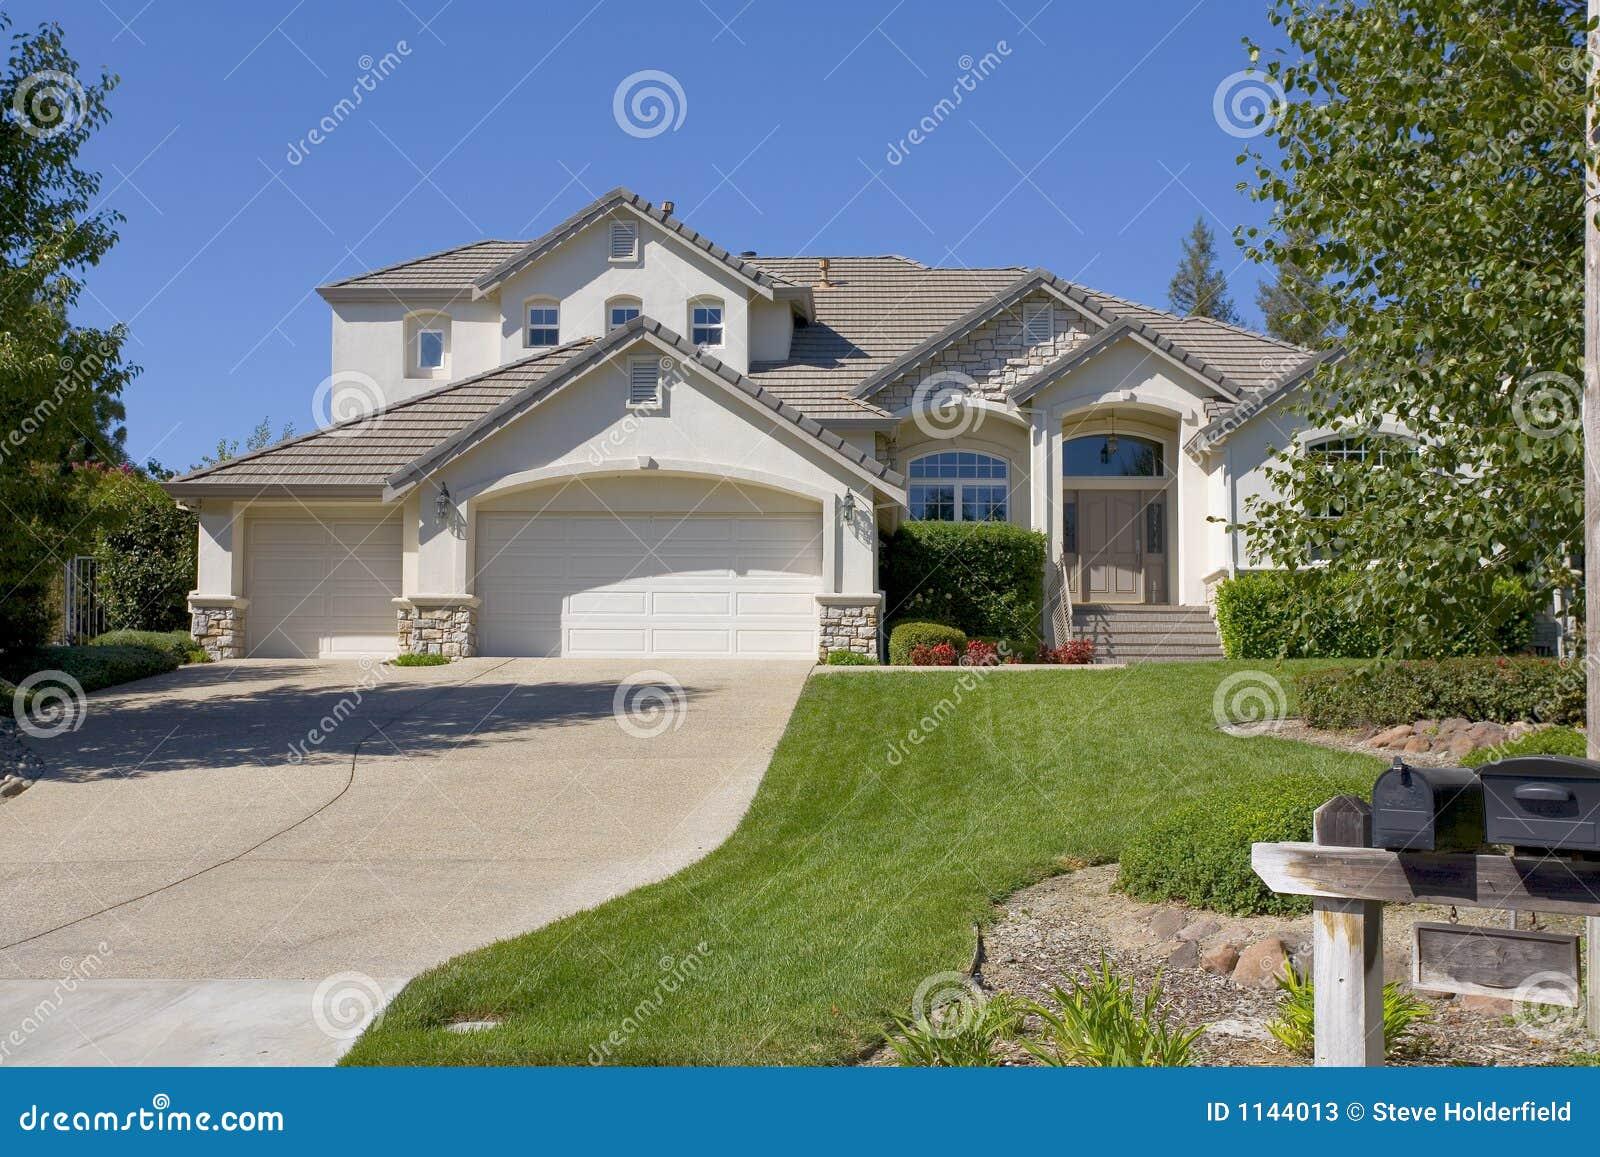 grande maison luxueuse image stock image du moderne herbe 1144013. Black Bedroom Furniture Sets. Home Design Ideas